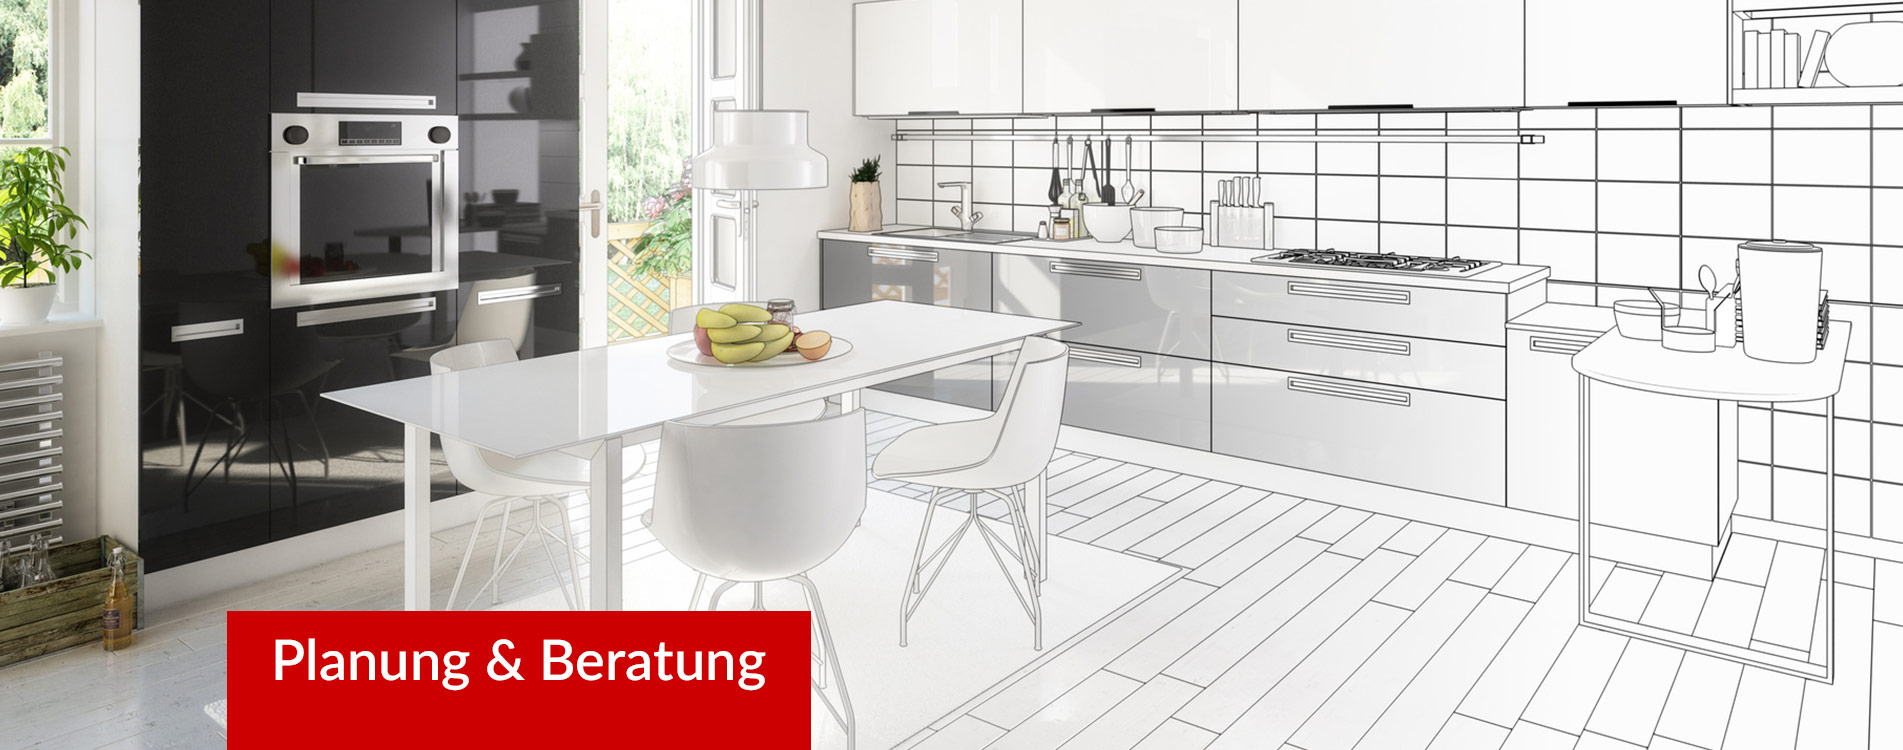 Sachverständigenbüro für Einbauküchen - Sascha Wollschläger